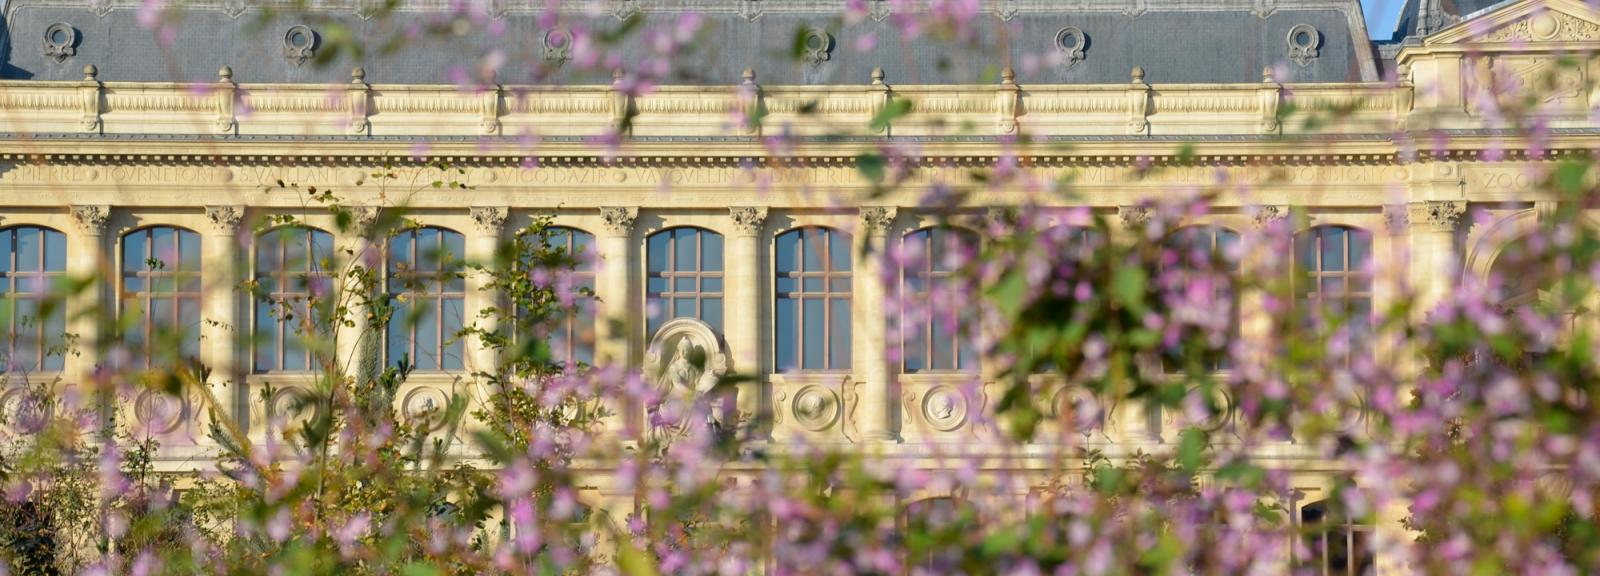 Jardin des Plantes avec, au fond, la Grande Galerie de l'Évolution © MNHN - Catherine Ficaja